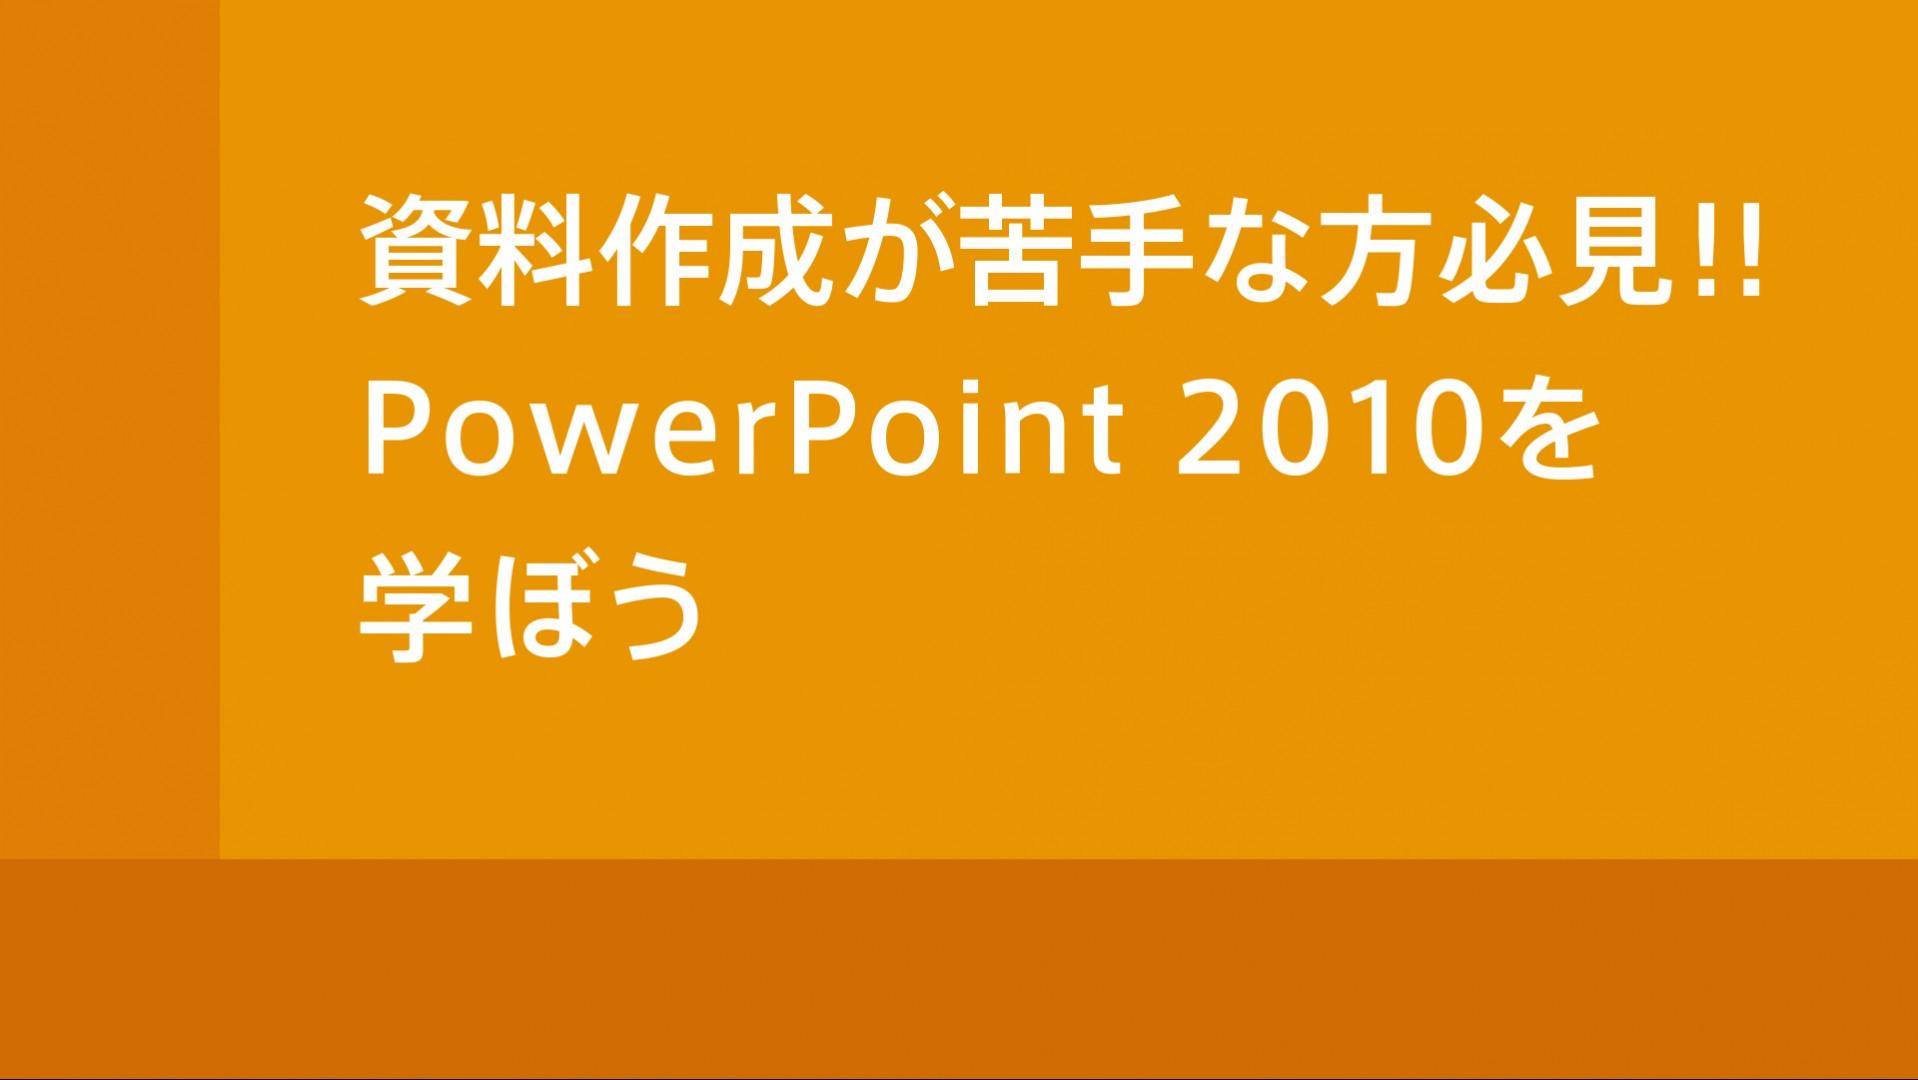 テンプレートを使ってプレゼンテーションを作成する PowerPoint2010